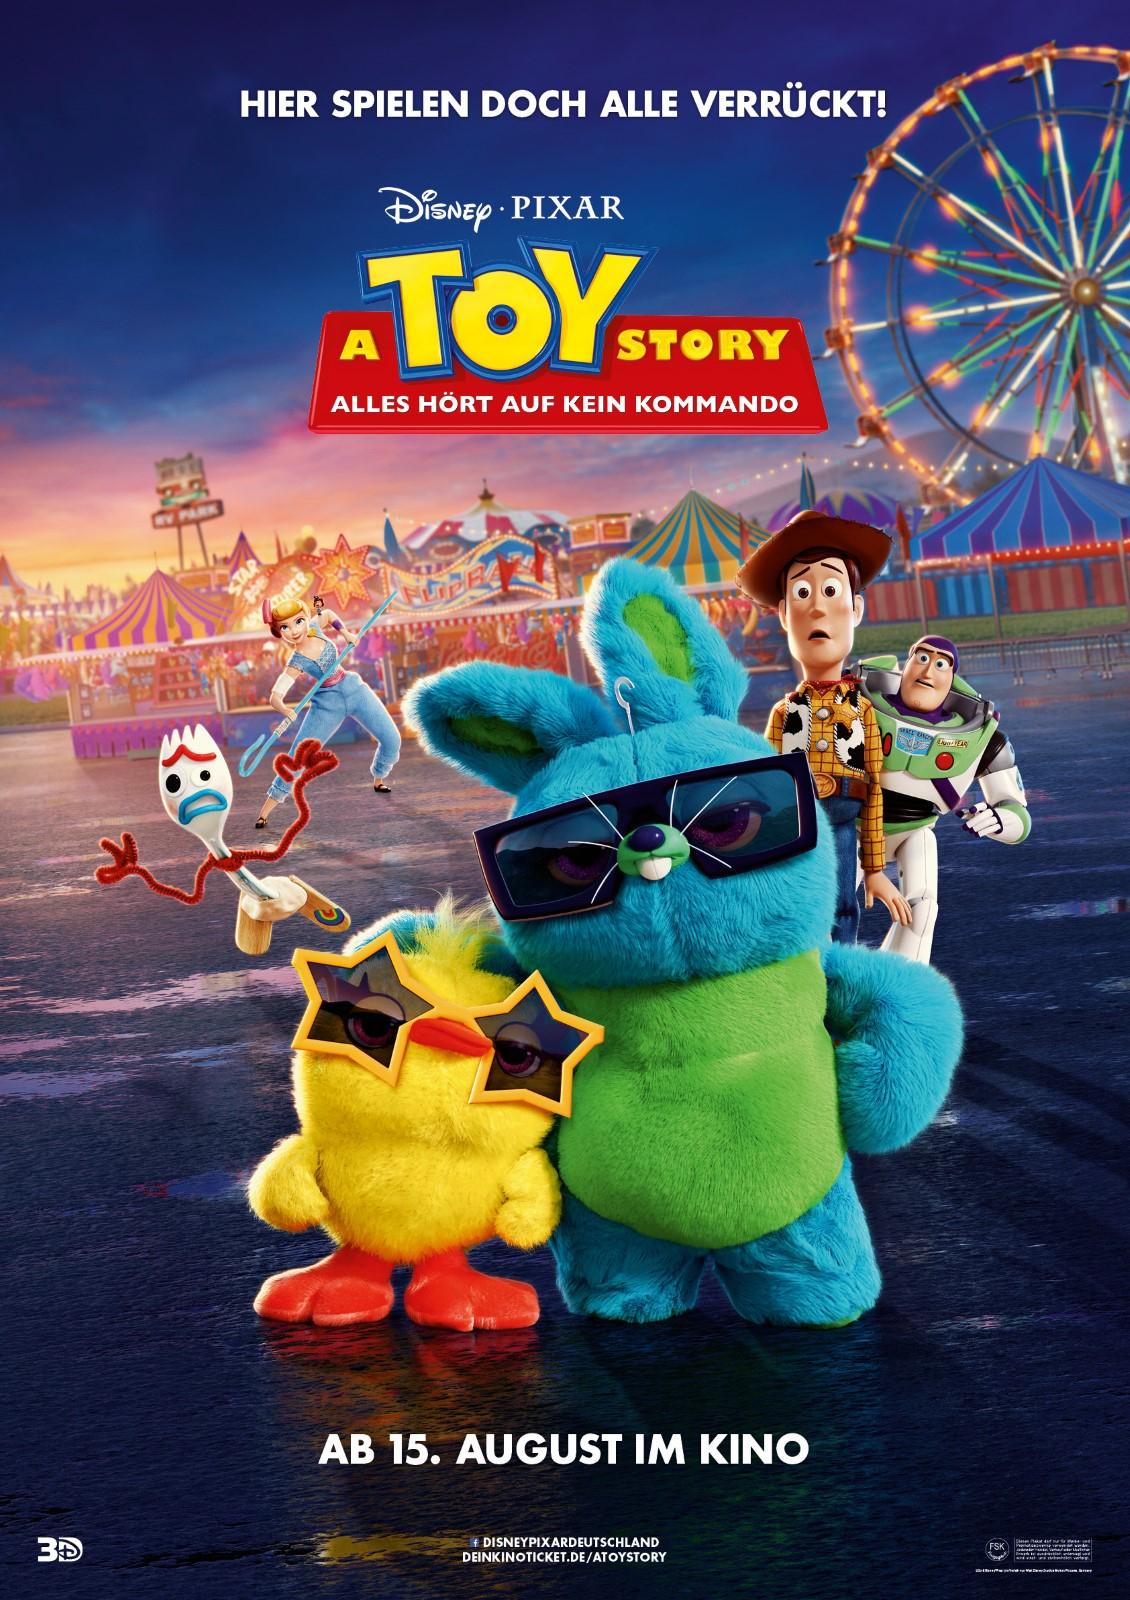 A Toy Story - Alles Hört auf kein Kommando, HD Kaufversion